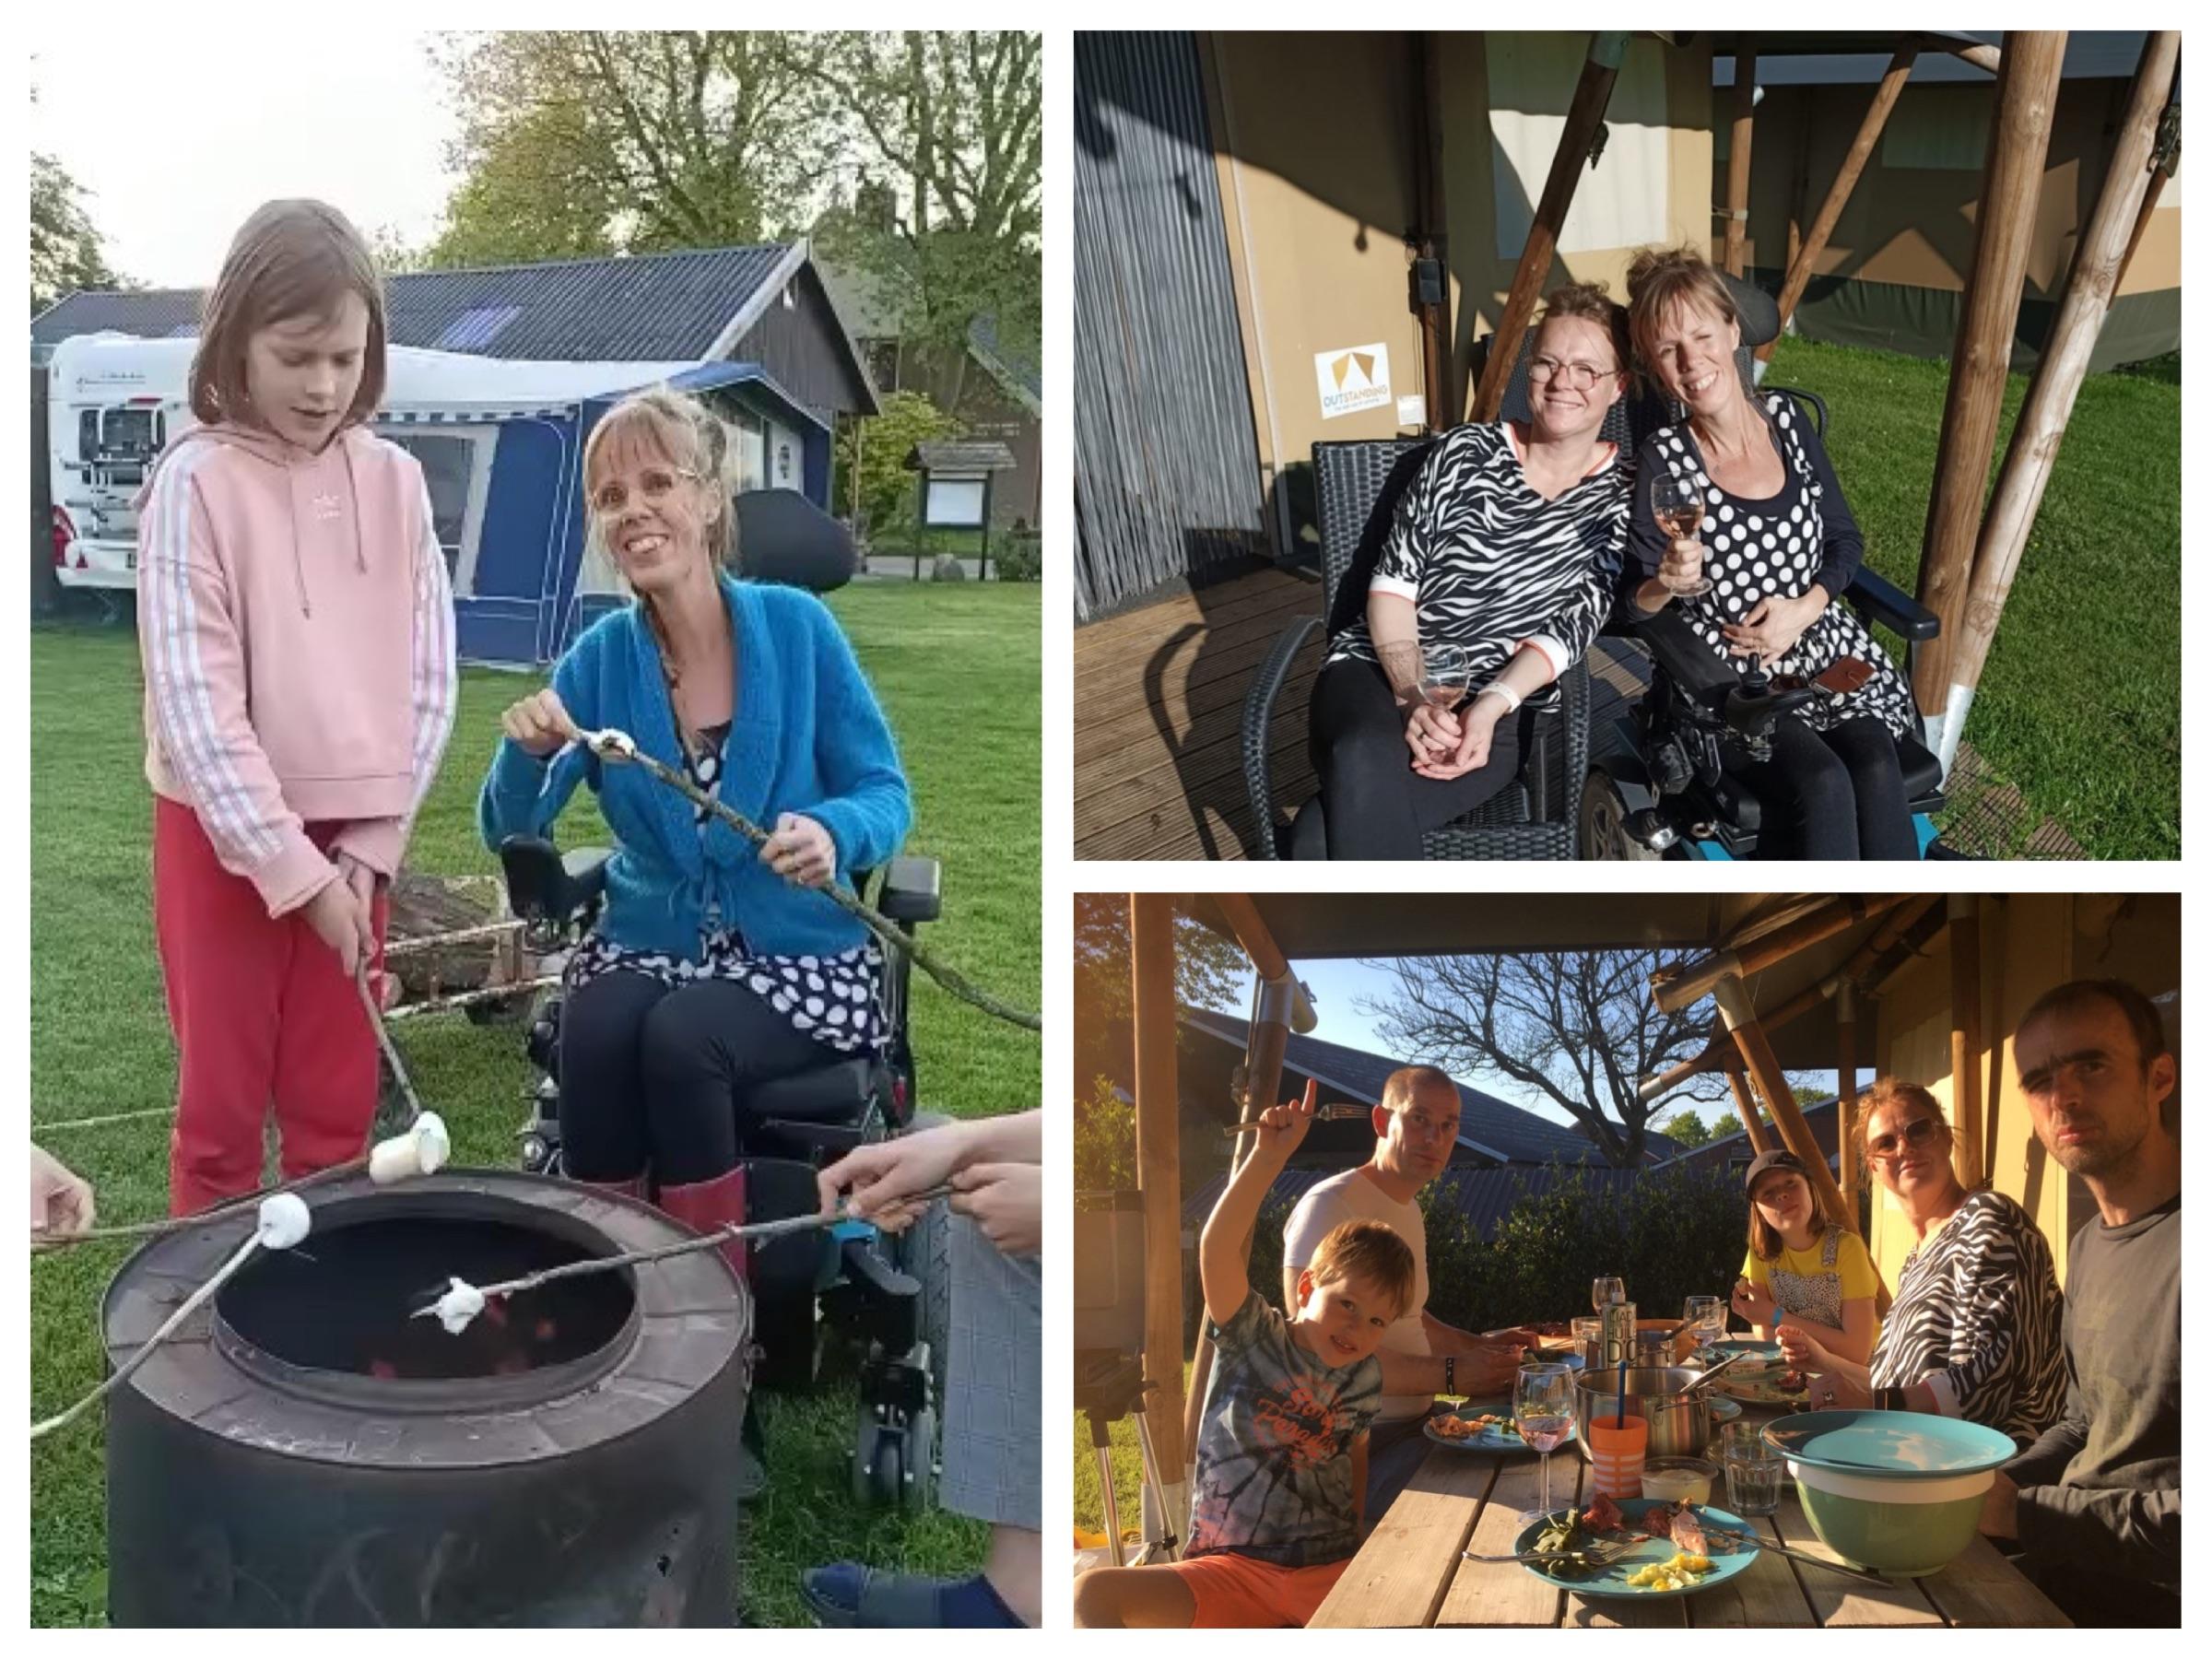 Collage met 3 foto's, Eelke met haar zus onder de luifel met een glaasje wijn, Eelke bij een vuurton met haar nichtje klaar om marshmallows te roosteren, met de hele familie aan de picknicktafel onder de luifel